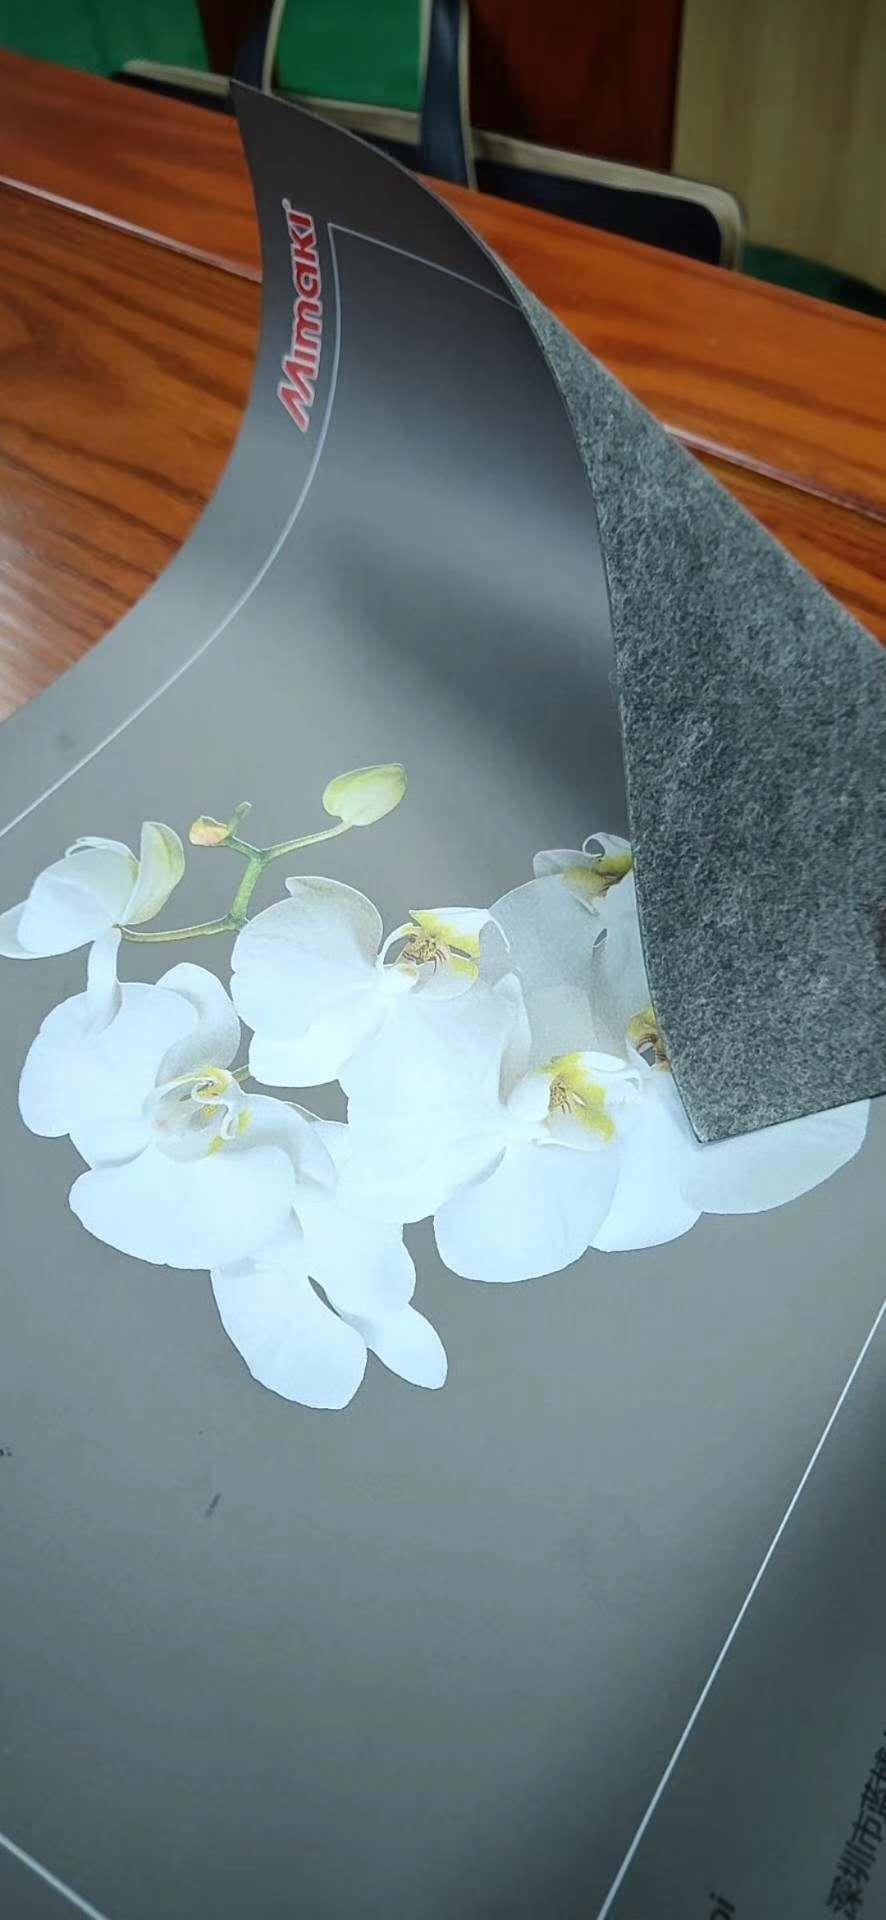 UV彩印-灰色皮革彩白打印数码印花制作